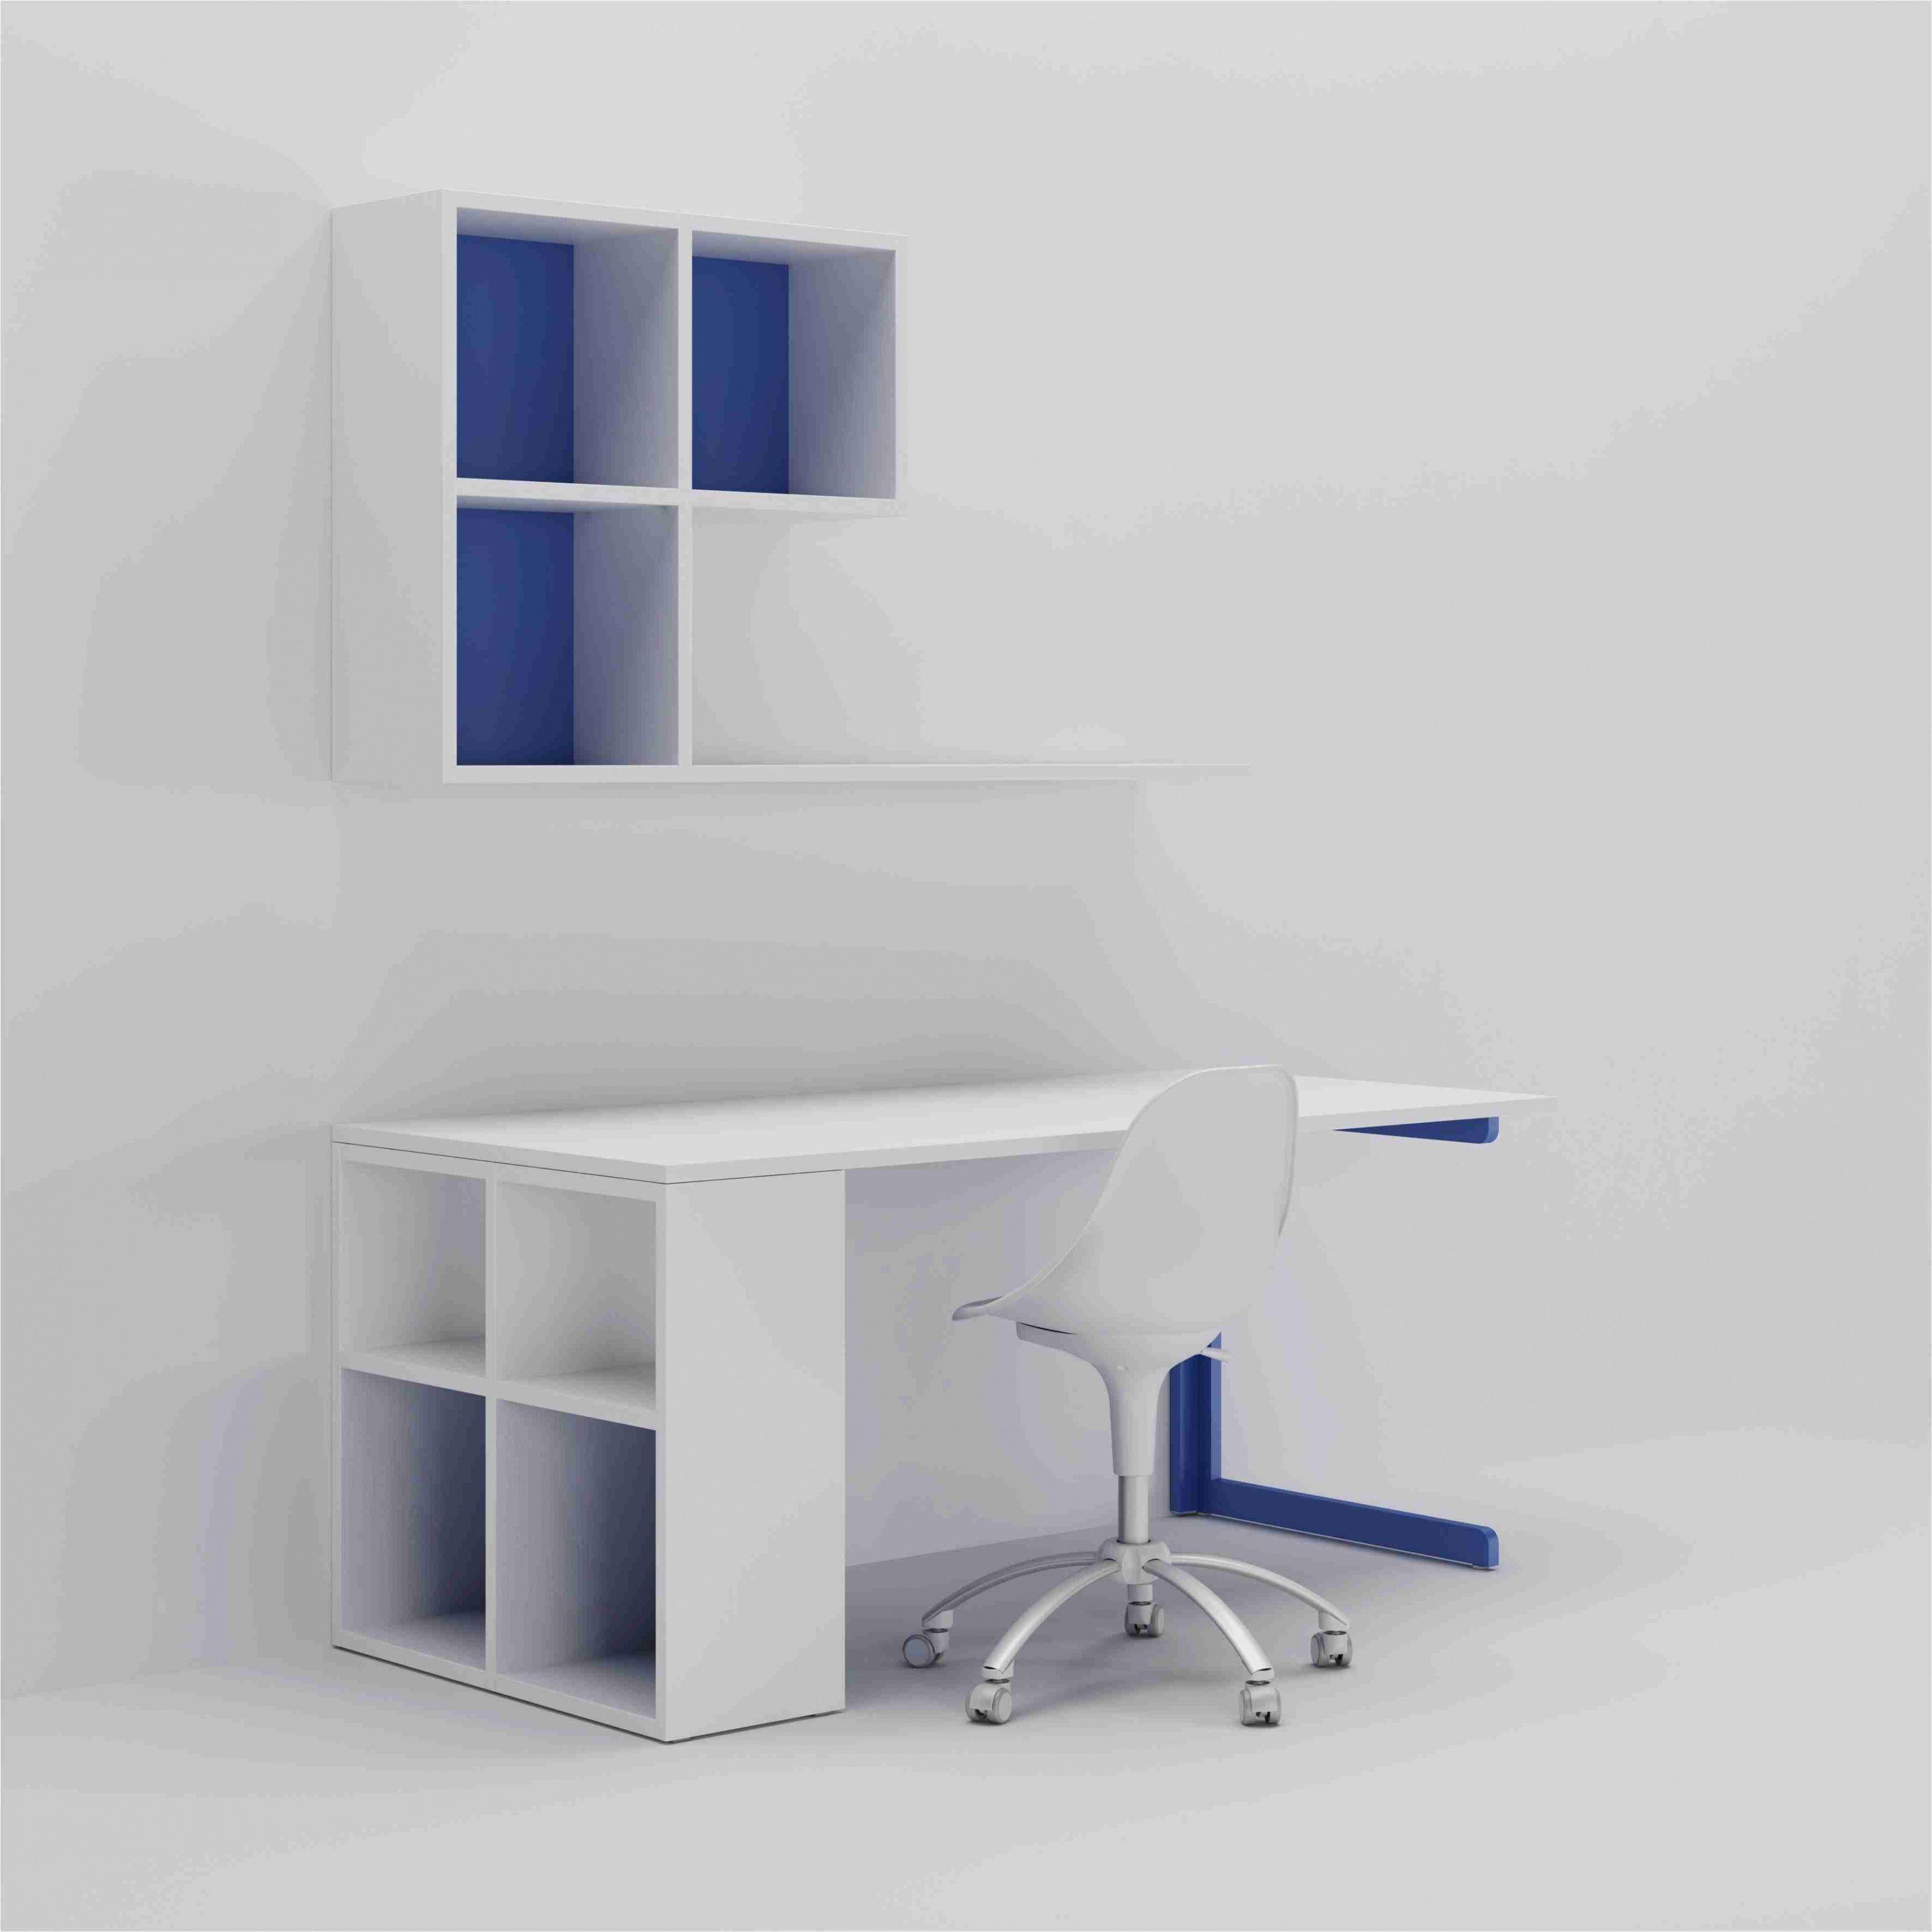 Lit Enfant 2 Ans Génial Desk Armoire Ideas — Melthphx